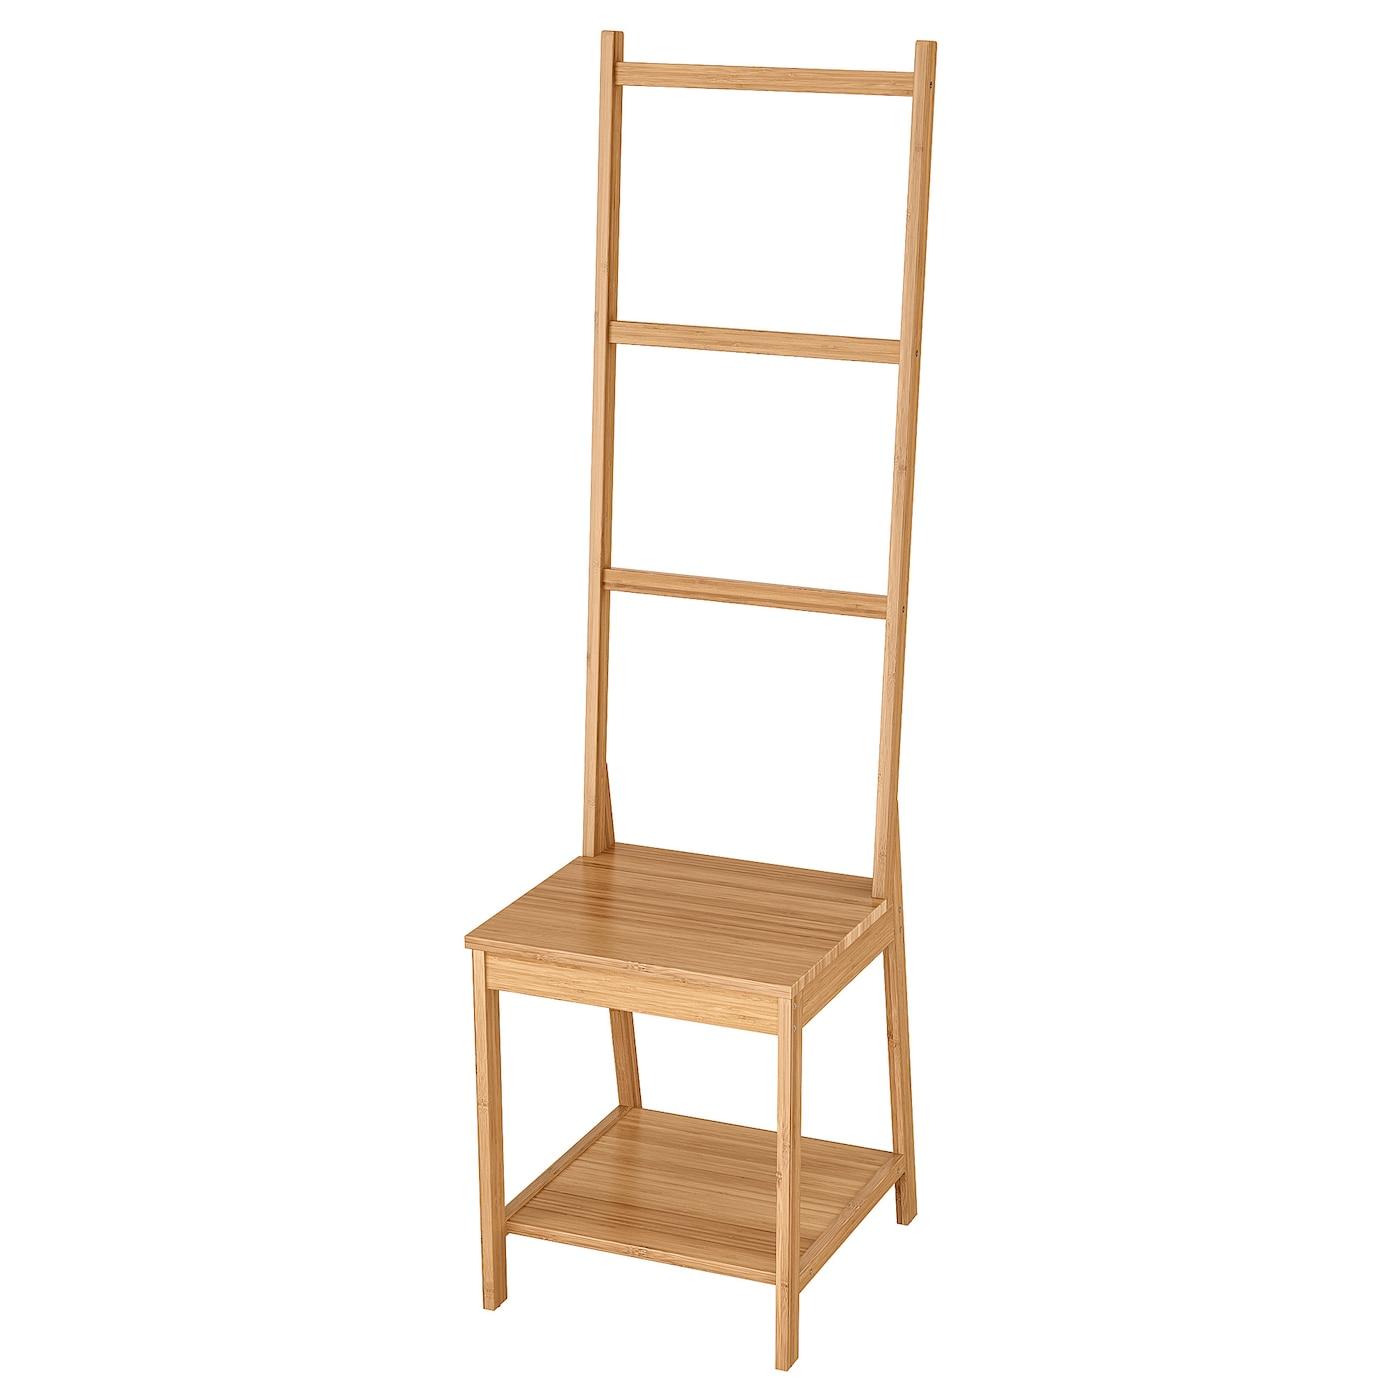 Full Size of Rgrund Stuhl Mit Handtuchhalter Bambus Ikea Sterreich Modulküche Küche Kosten Sofa Schlaffunktion Betten Bei Bad 160x200 Kaufen Miniküche Wohnzimmer Handtuchhalter Ikea